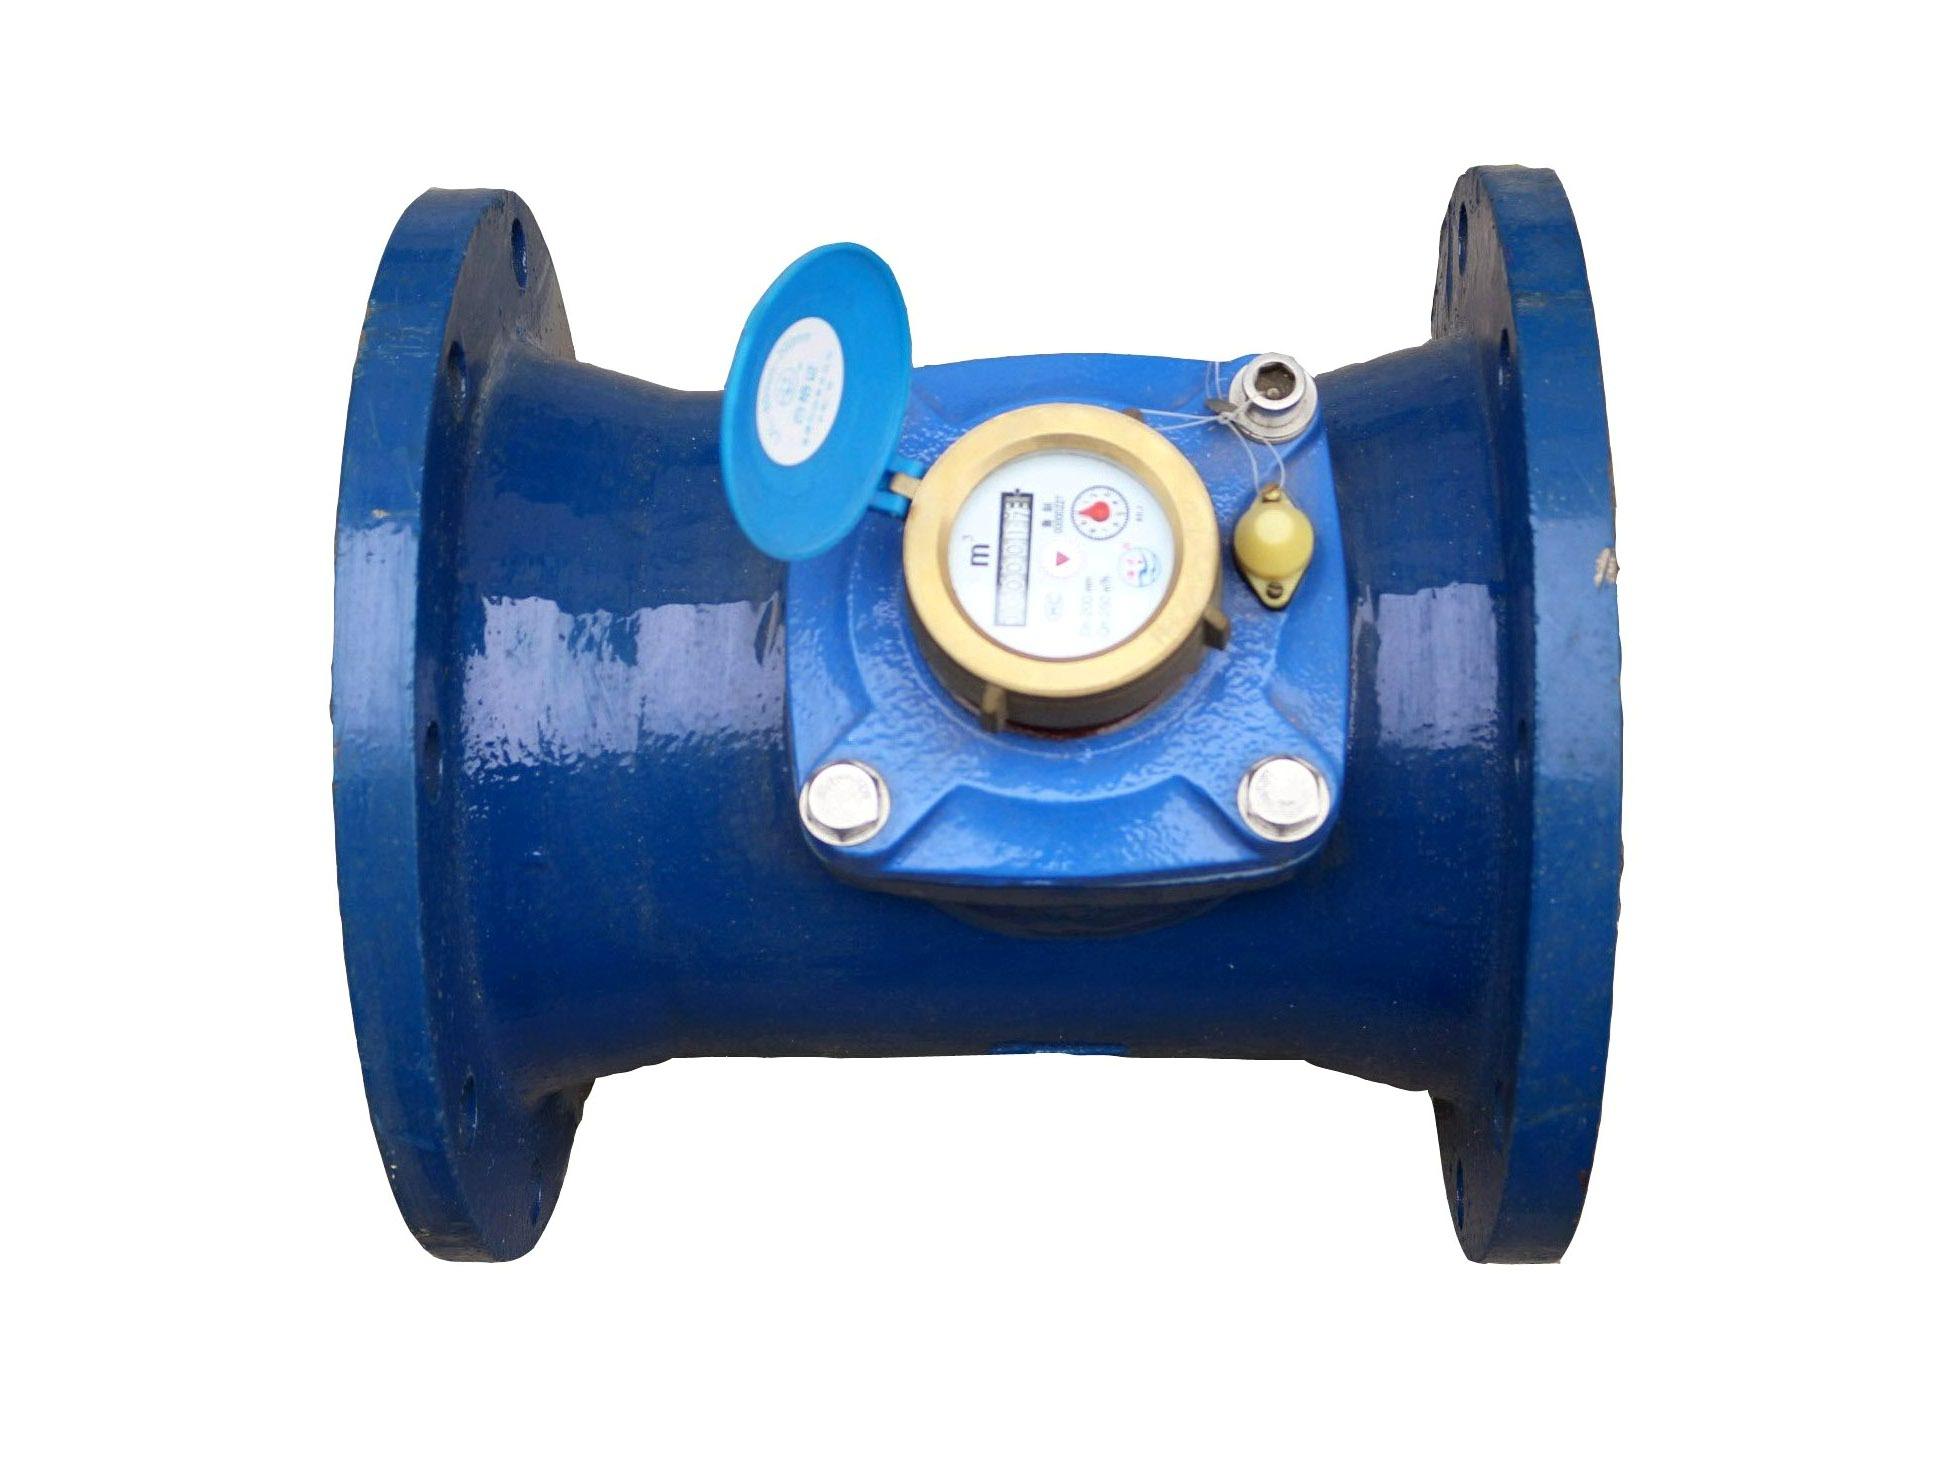 浙江宁波射频卡智能冷水水表大口径水表价格 - 中国供应商